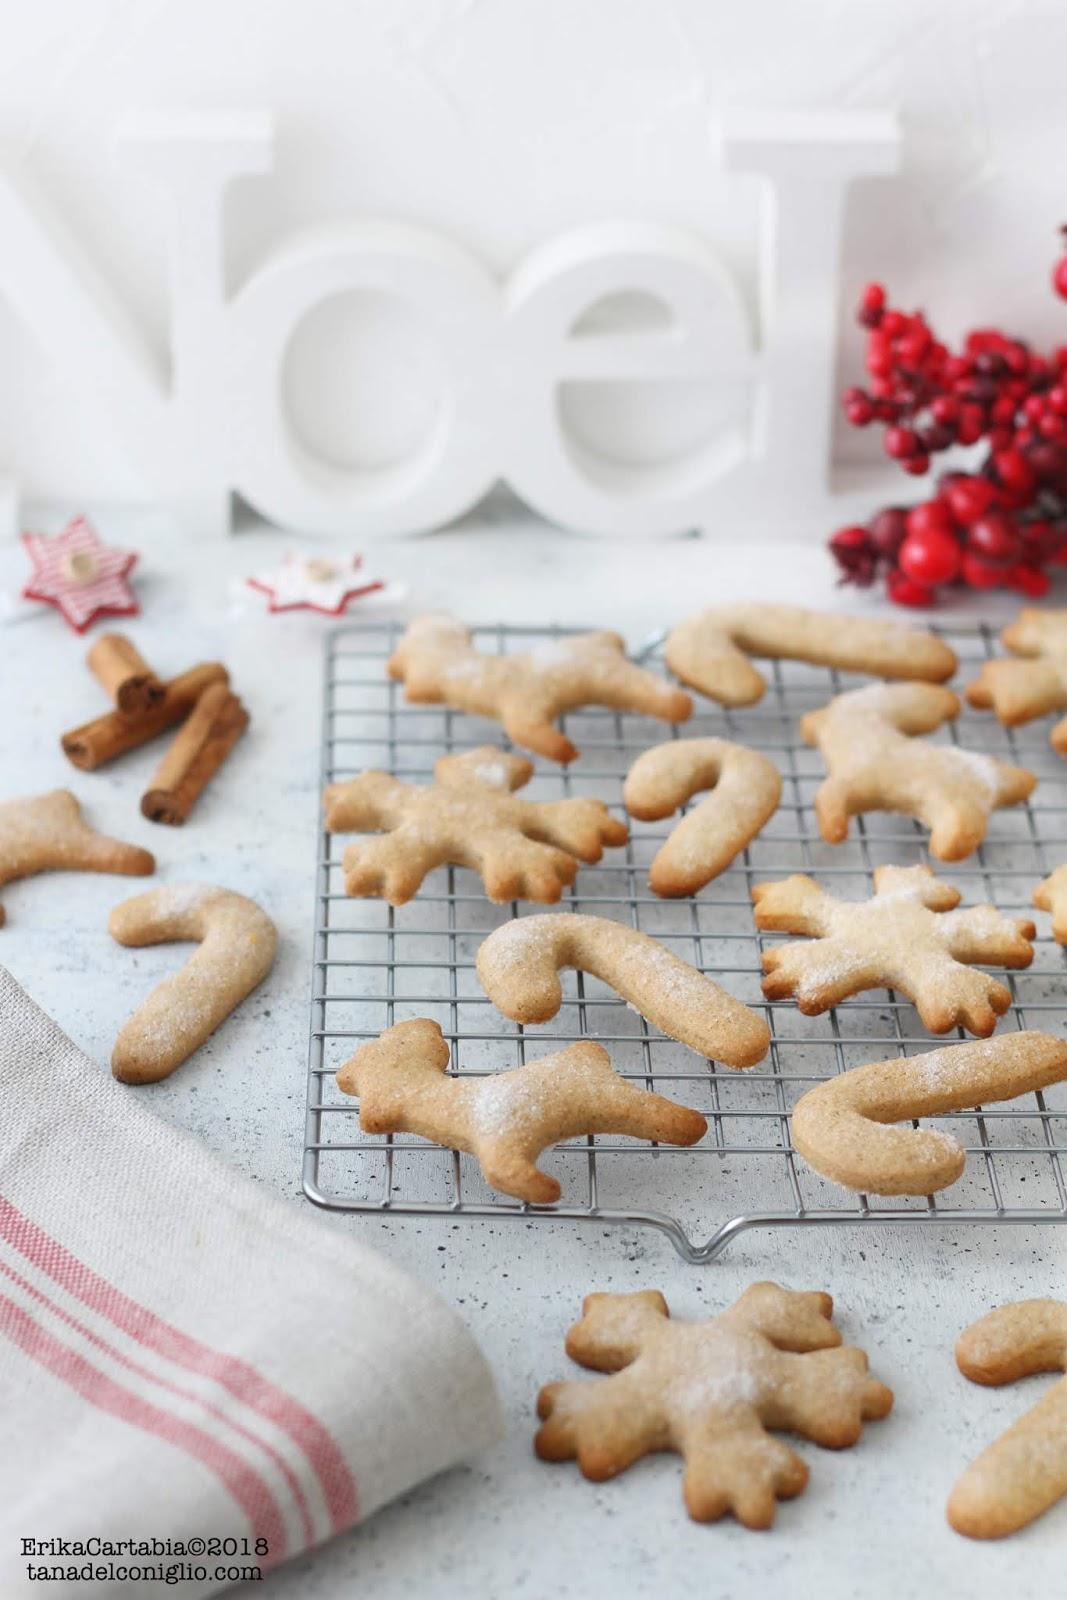 Biscotti Classici Di Natale.Biscotti Di Natale Speziati La Tana Del Coniglio